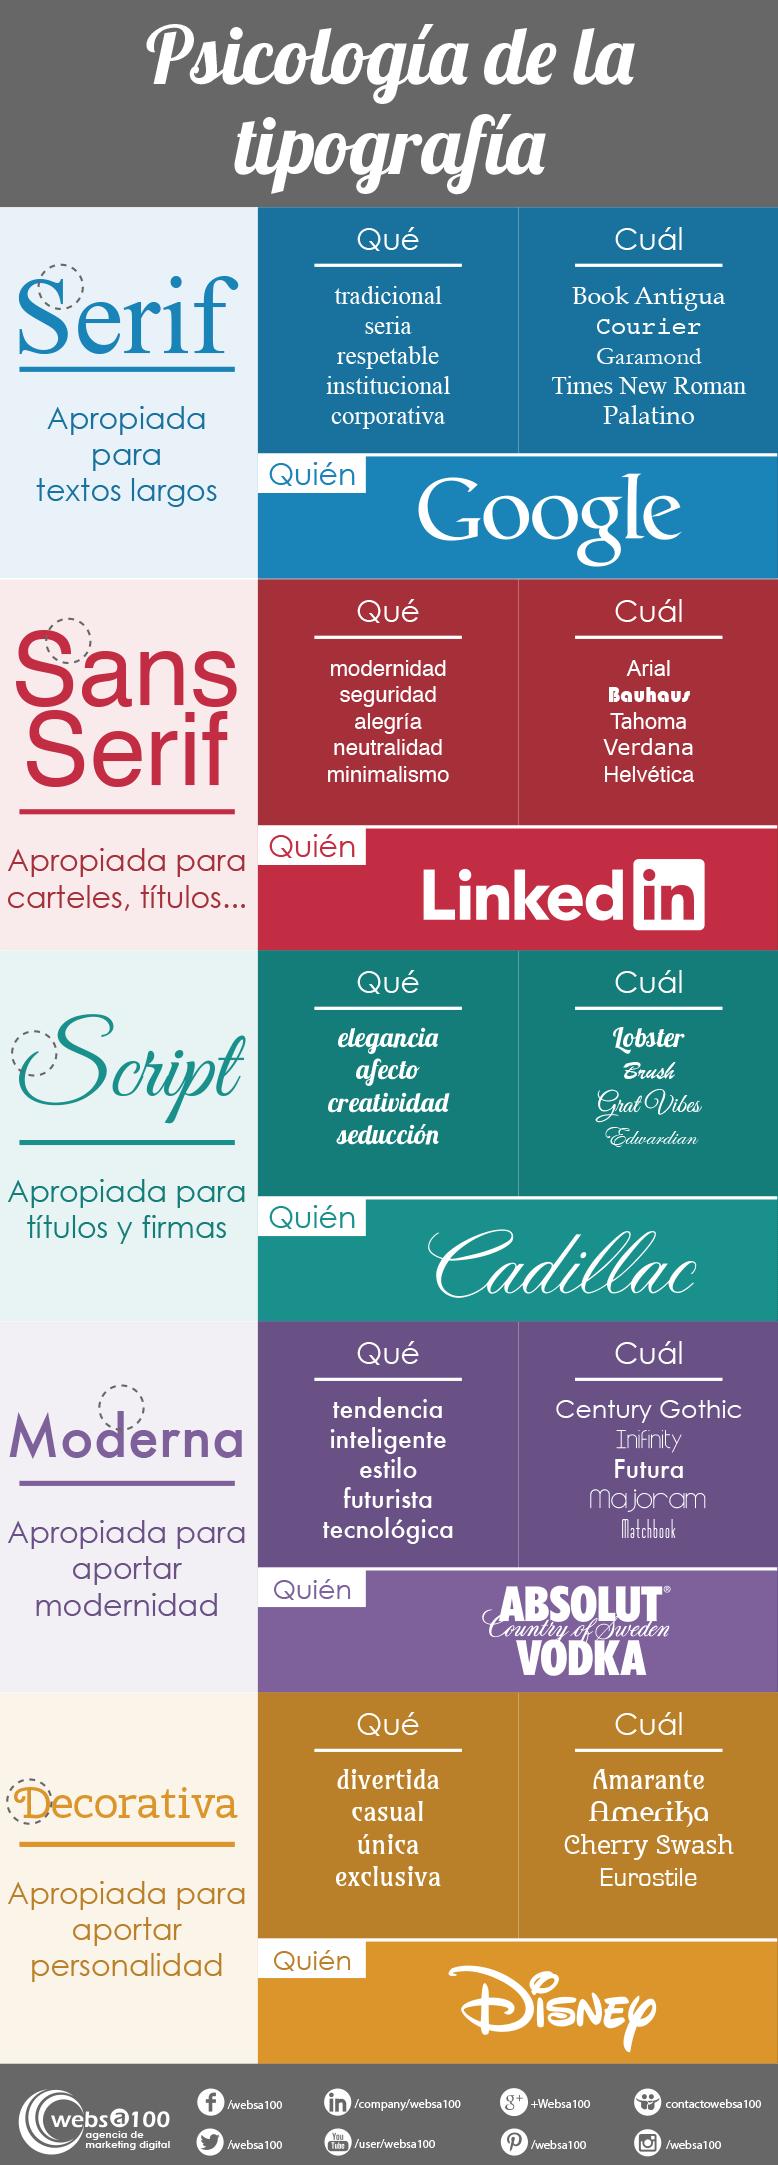 La psicología de la tipografía en el diseño